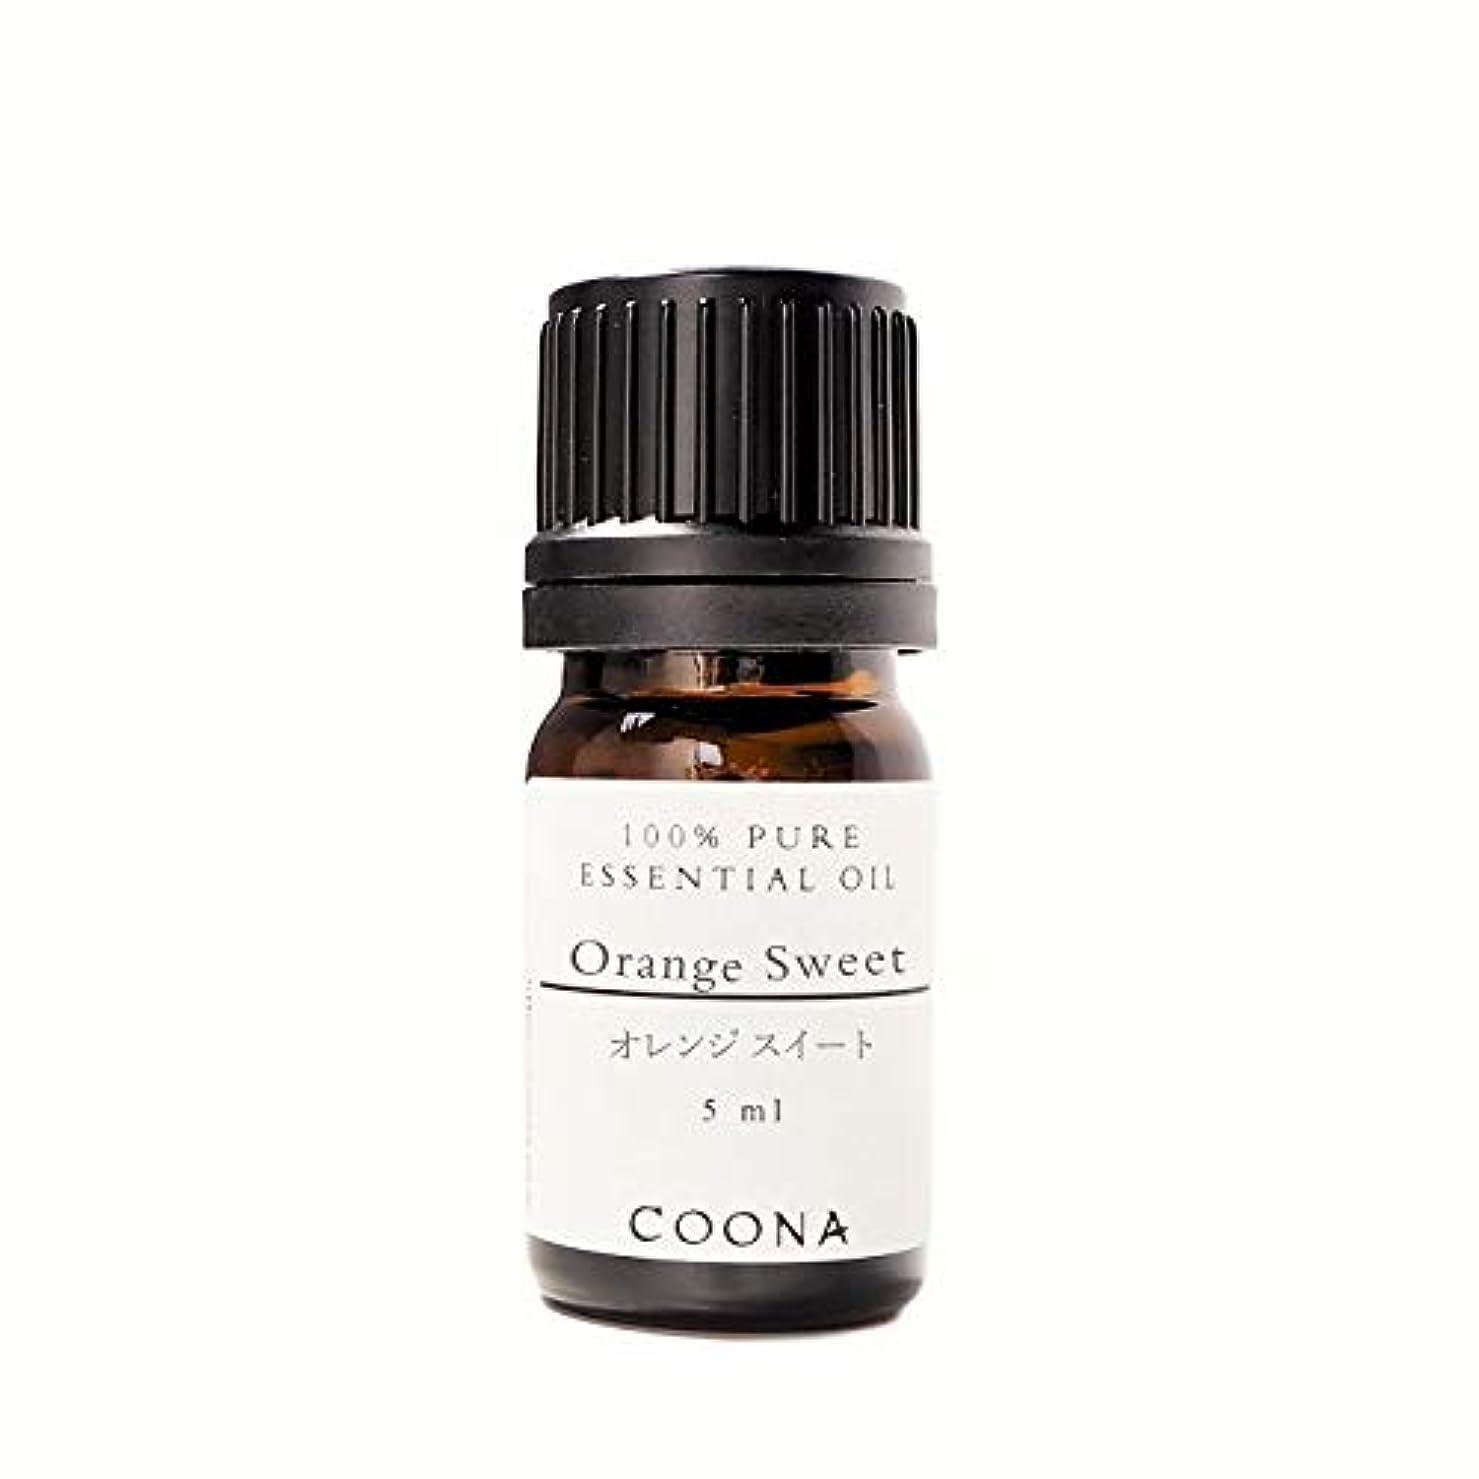 業界わなライドオレンジ スイート 5 ml (COONA エッセンシャルオイル アロマオイル 100%天然植物精油)